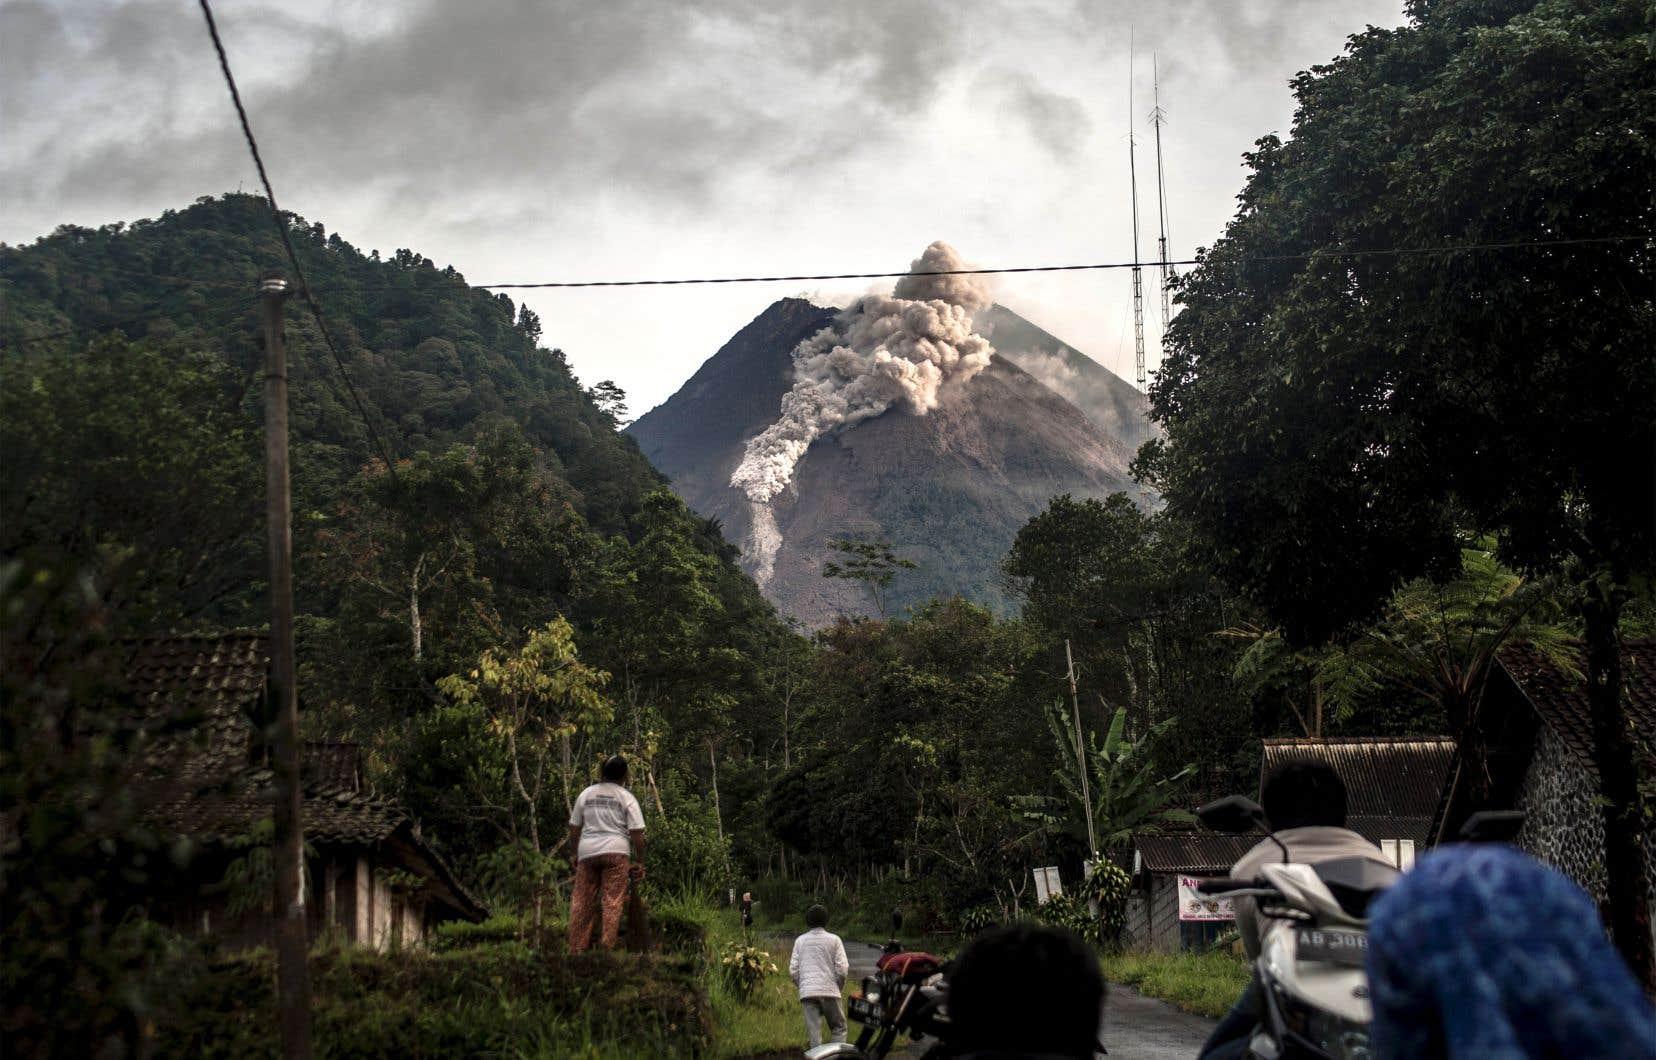 <p>La dernière éruption majeure du Merapi remonte à 2010 et avait tué plus de 300 personnes, contraignant plus de 280000 habitants à évacuer.</p>